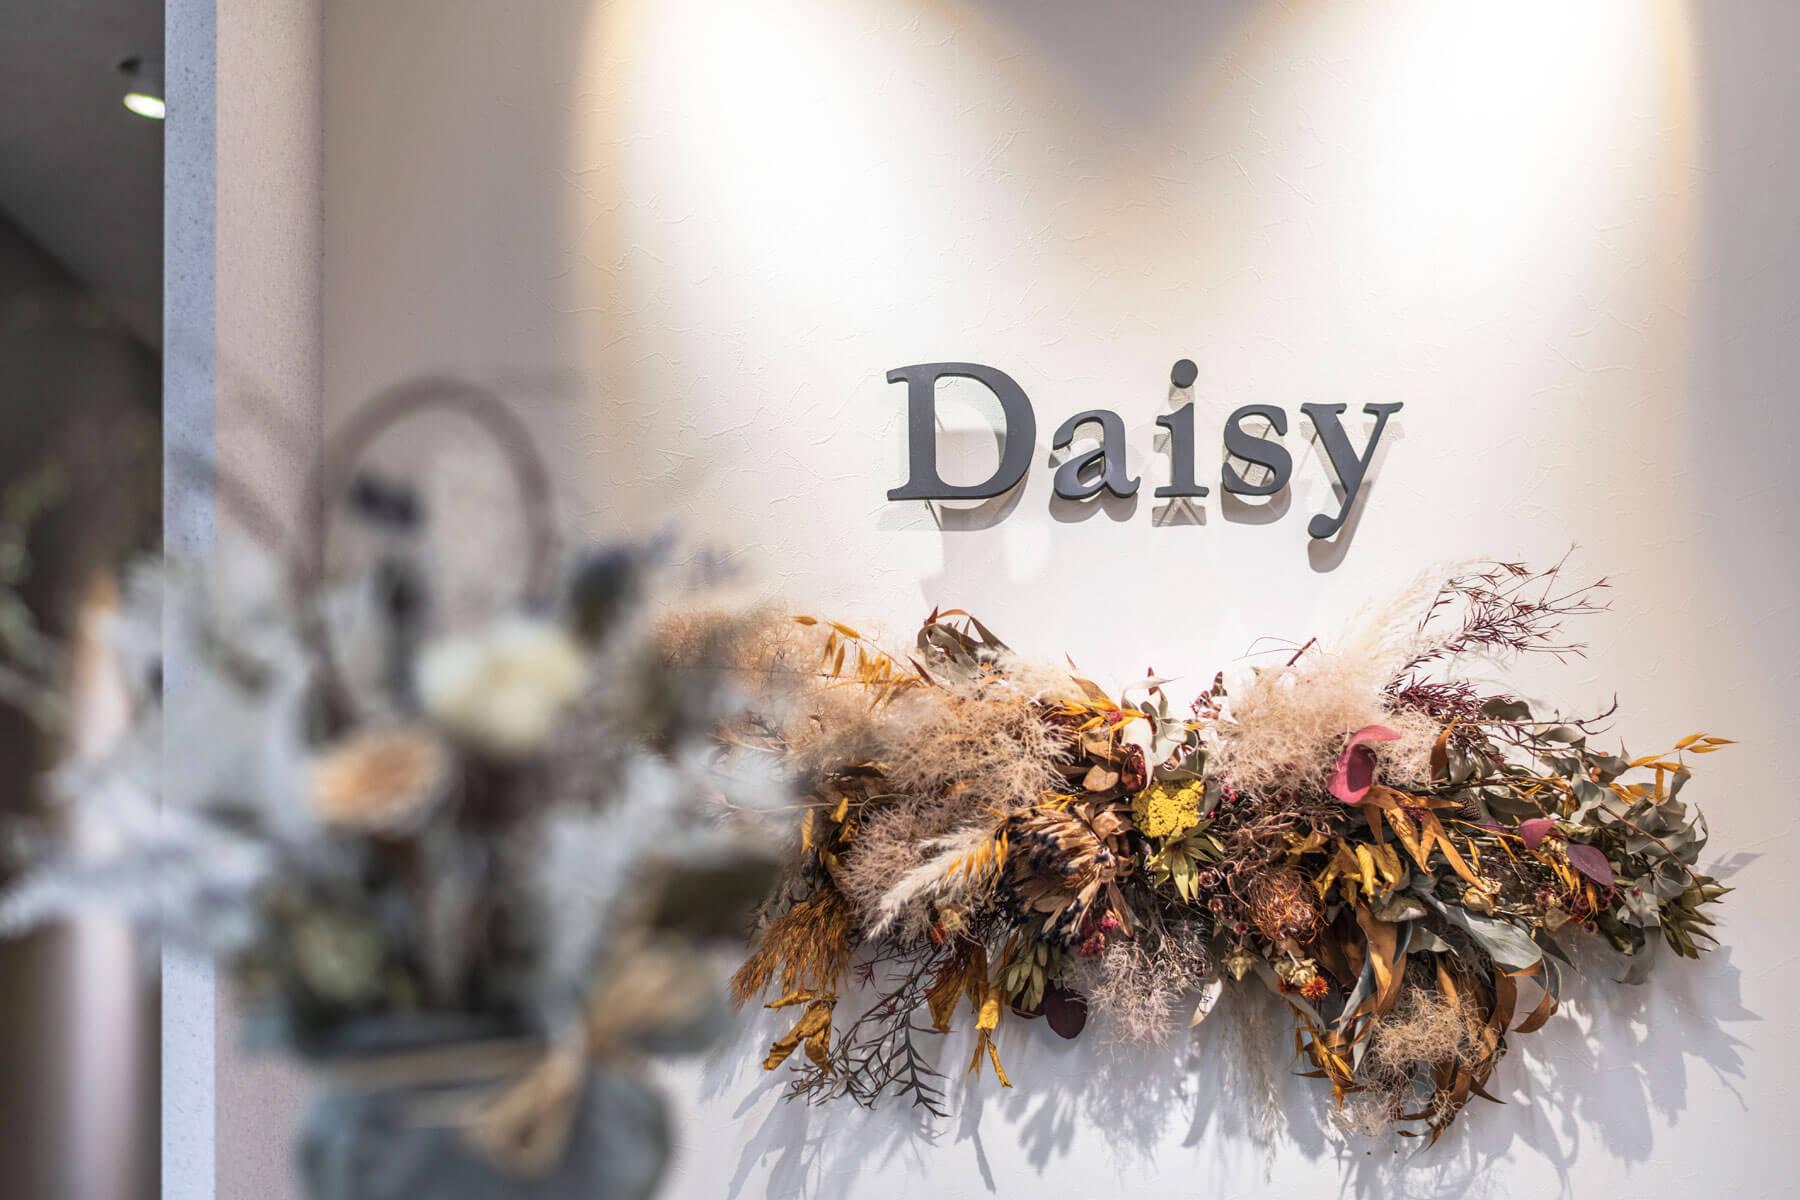 Daisy/Fukuoka